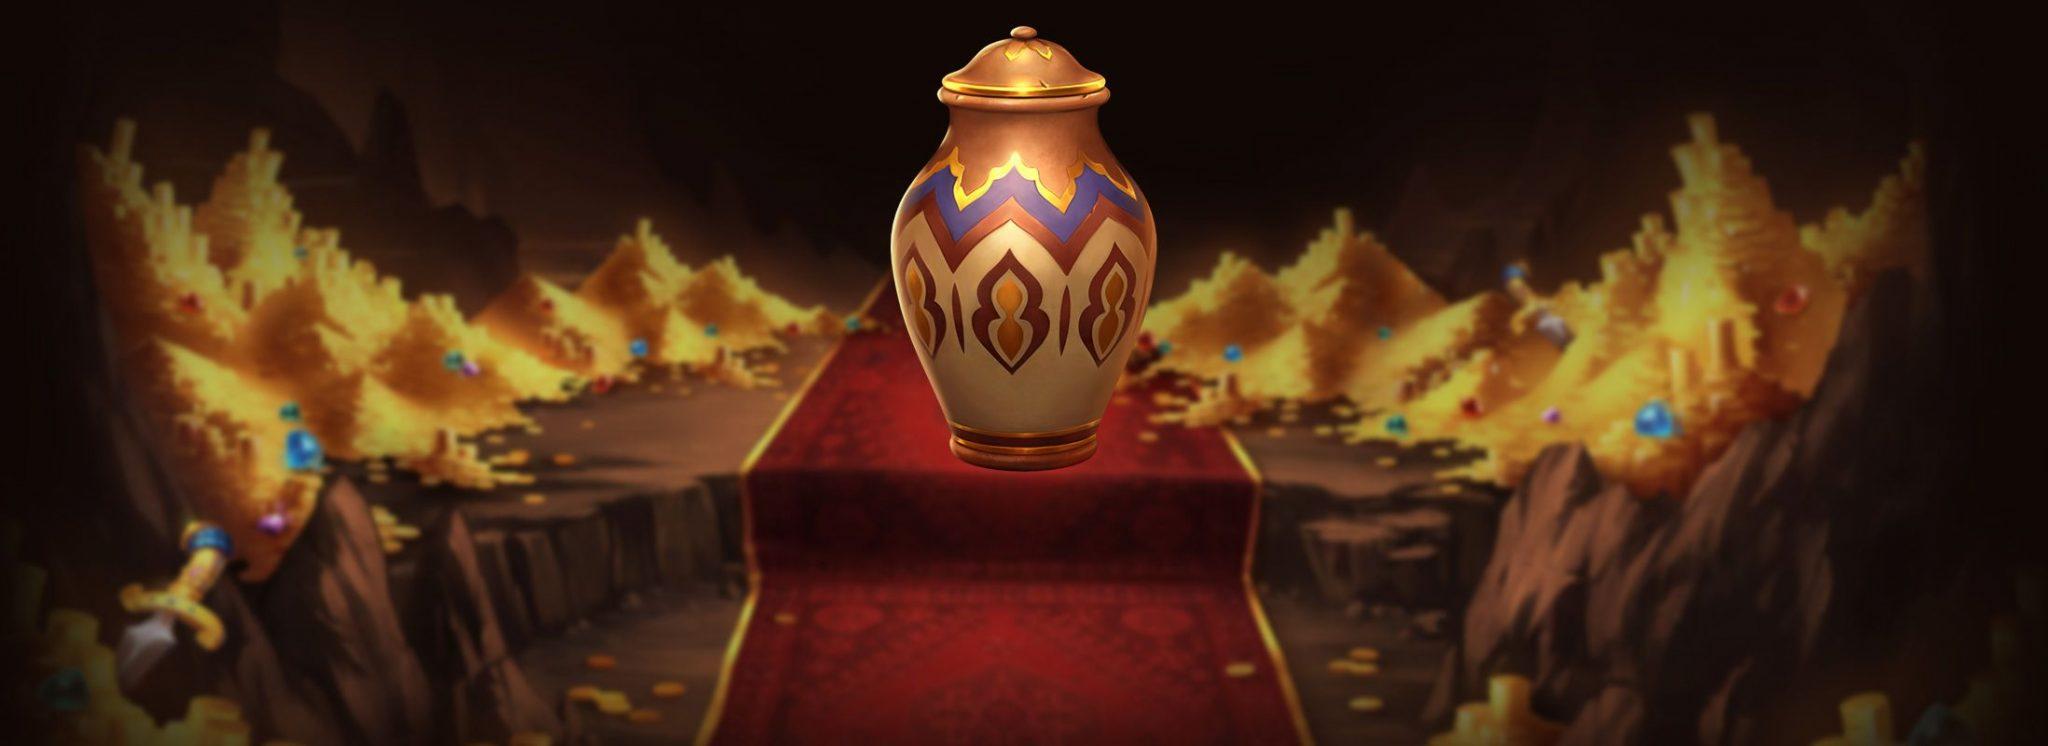 Play'n GO Har Släppt Lös En Ny Legend - Fortunes of Ali Baba Slot